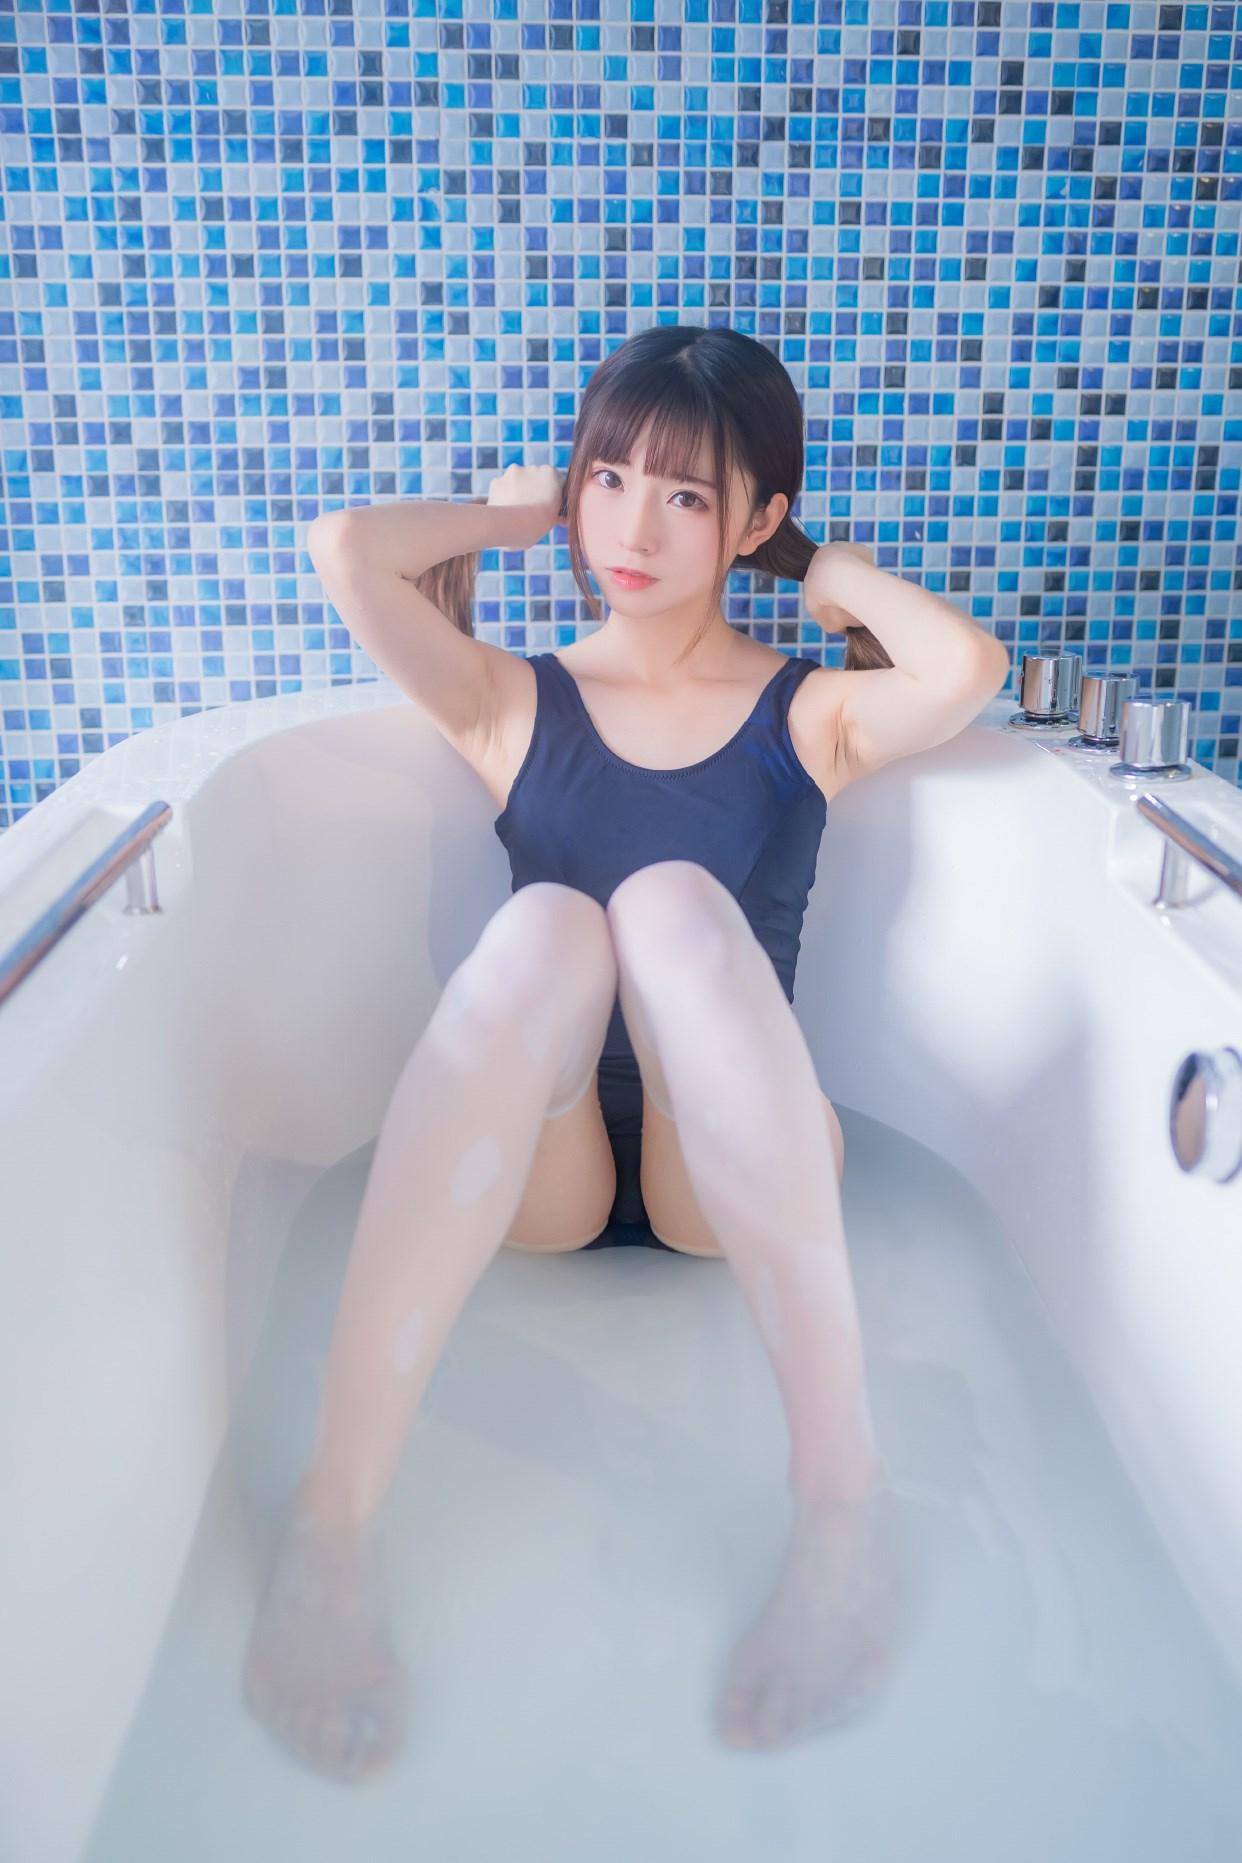 【兔玩映画】vol.18-浴室里 兔玩映画 第37张